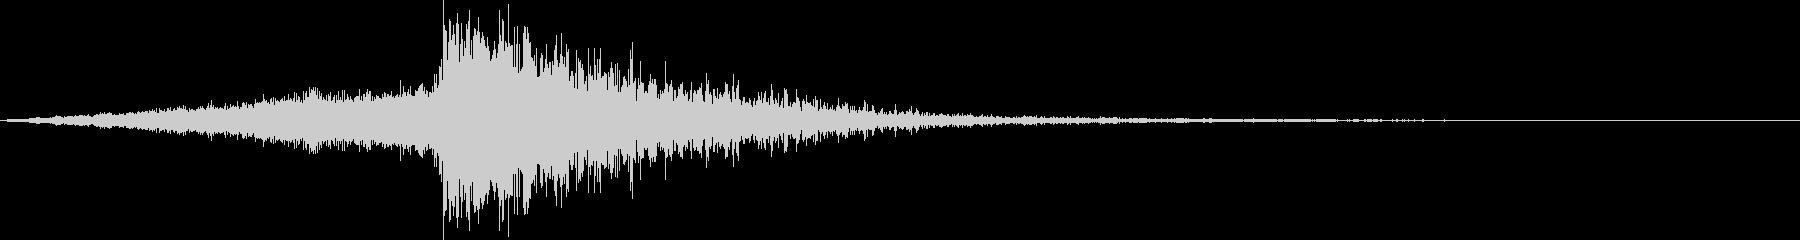 タイトルコールに使える派手なオケヒの未再生の波形